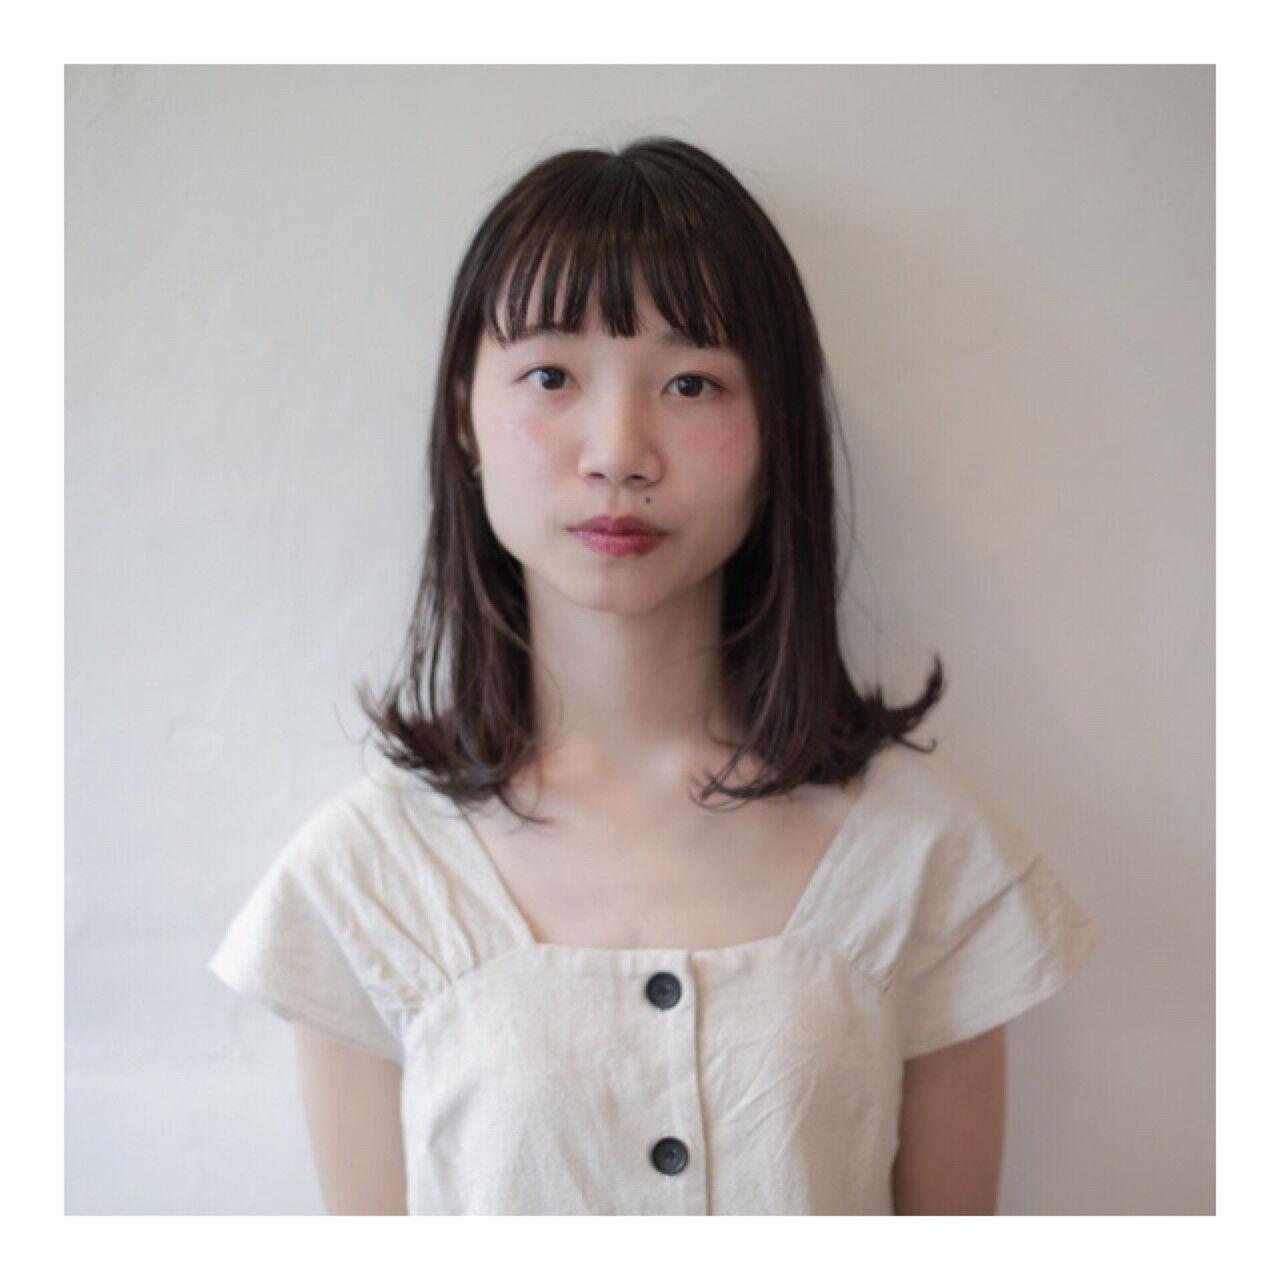 ナチュラル 黒髪 透明感 ウェットヘアヘアスタイルや髪型の写真・画像